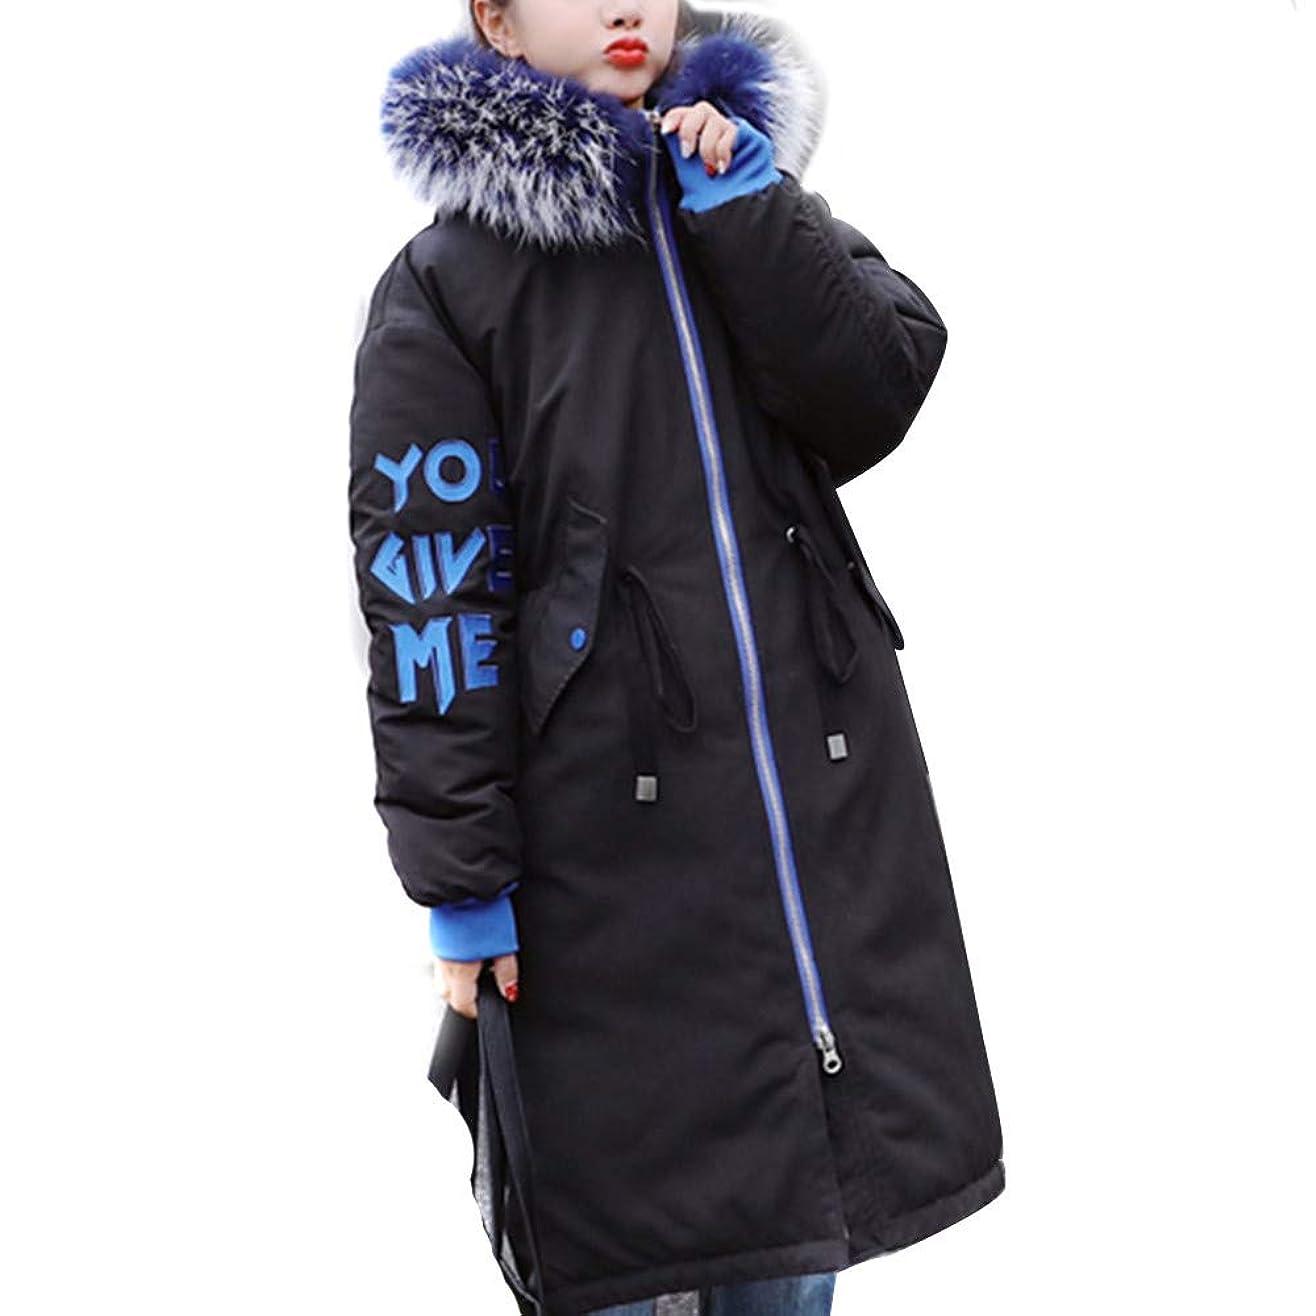 ビヨン効率的実際の[コート] レディース wileqep 春秋冬[カーディガン]アウター ジャケット オーバーコート セーター ニット 上着 パーカー ゆとりがある 無地 韓国風 無地 厚い 防寒 暖かい ロング丈 着痩せ おしゃれ カジュアル 可愛い 通学 通勤 きれい 人気